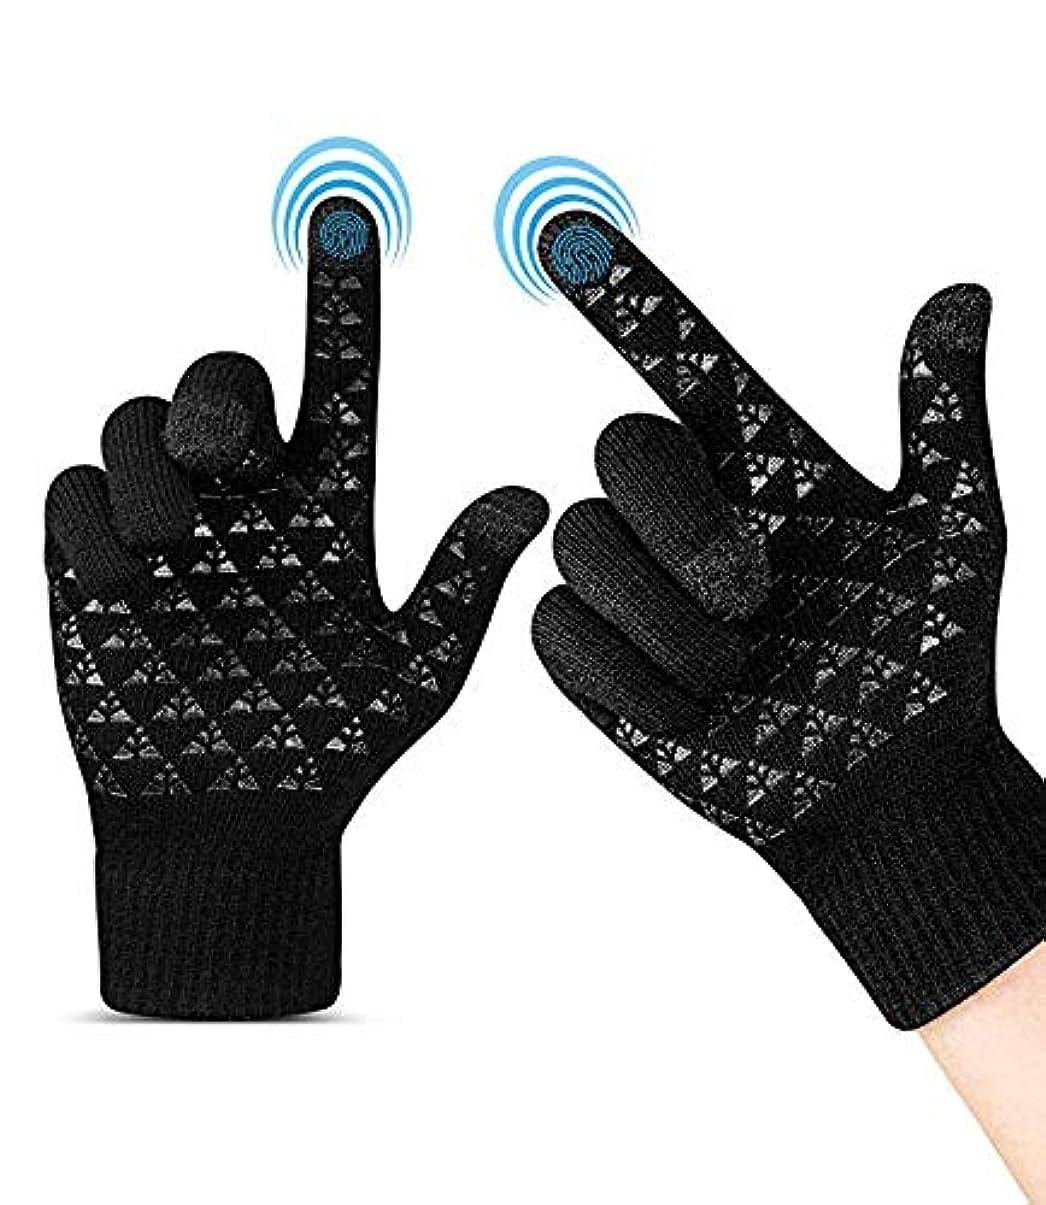 寓話してはいけません人物冬はニット滑り止めウール手袋裏地男性と女性のタッチスクリーンフリースのために、タッチスクリーン手袋を温めます